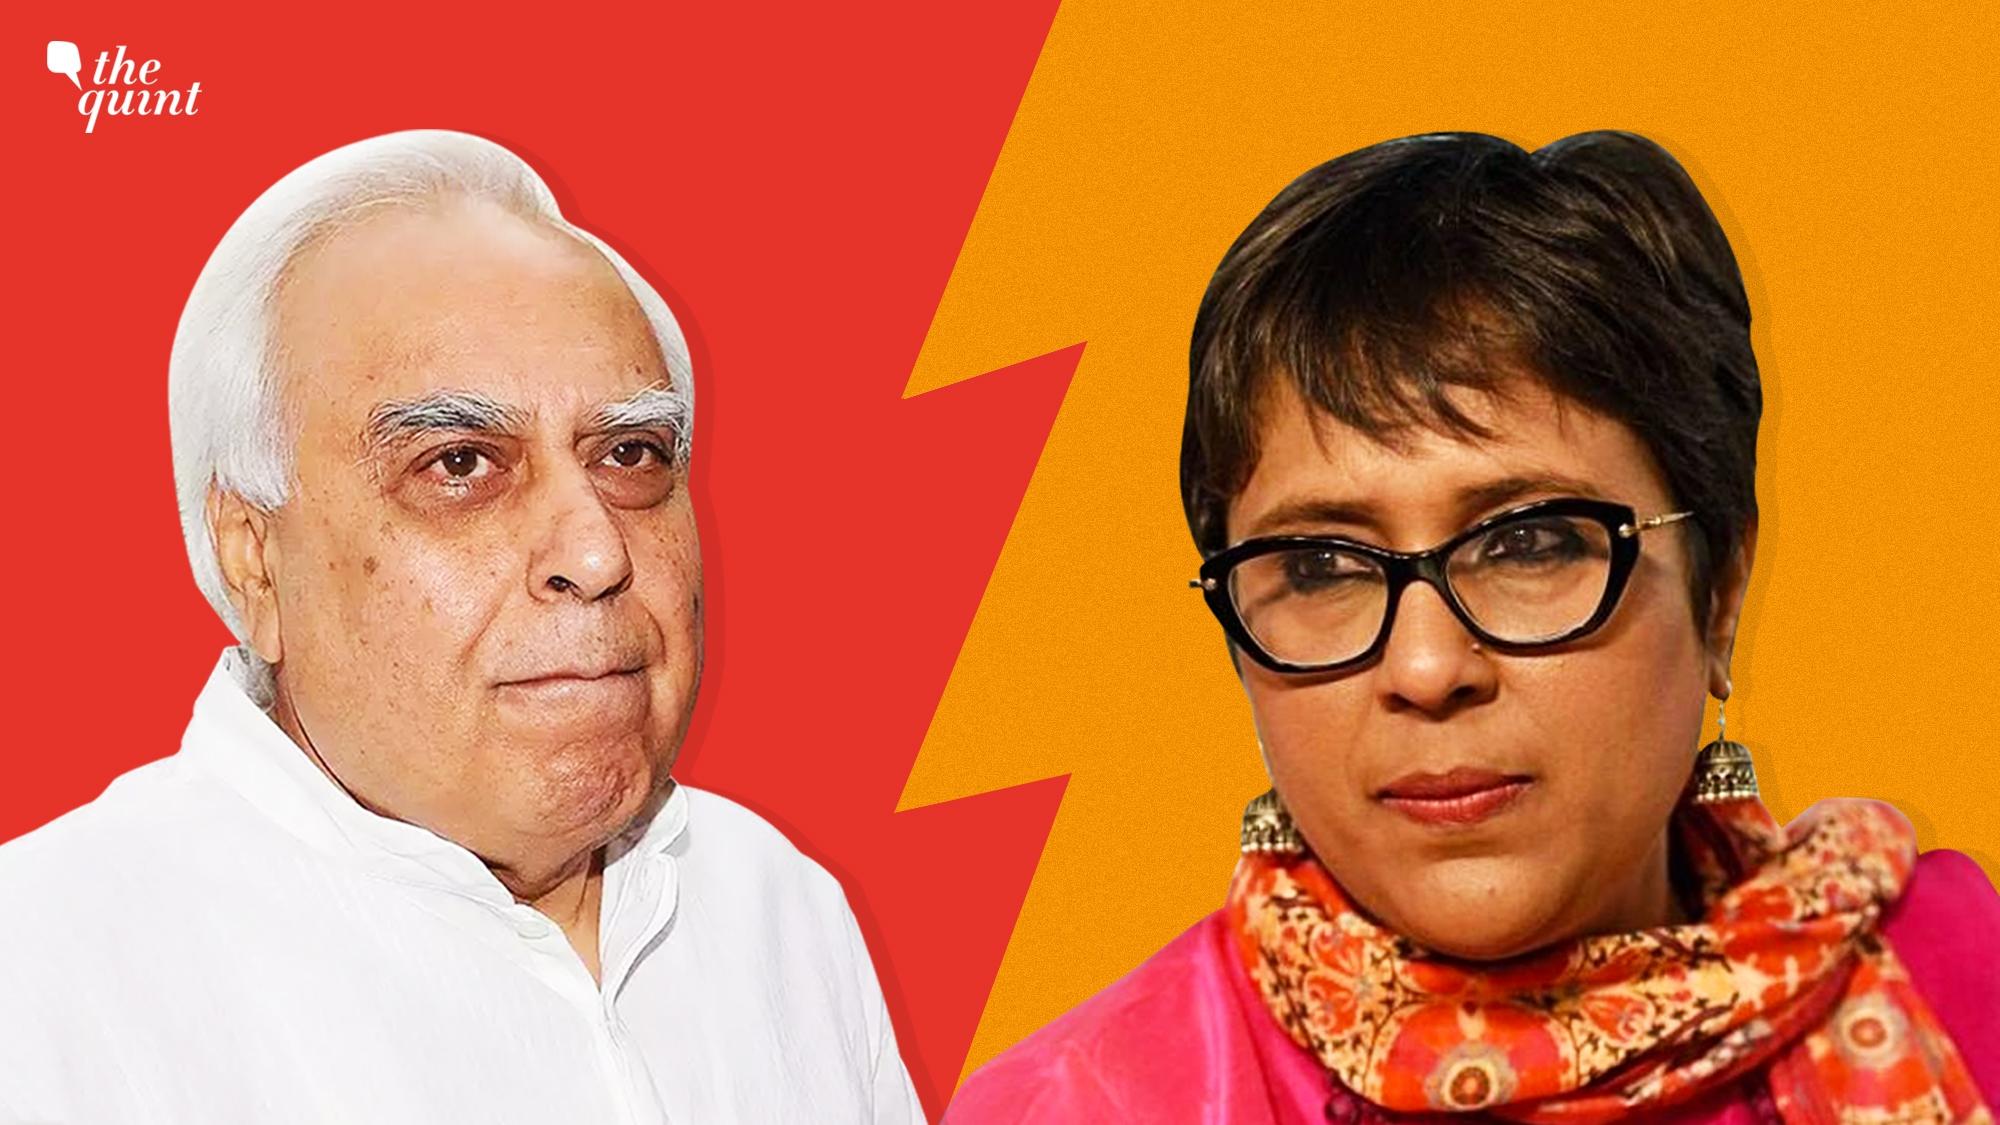 Barkha Dutt Threatens Lawsuit Against Kapil Sibal & Wife For Fraud